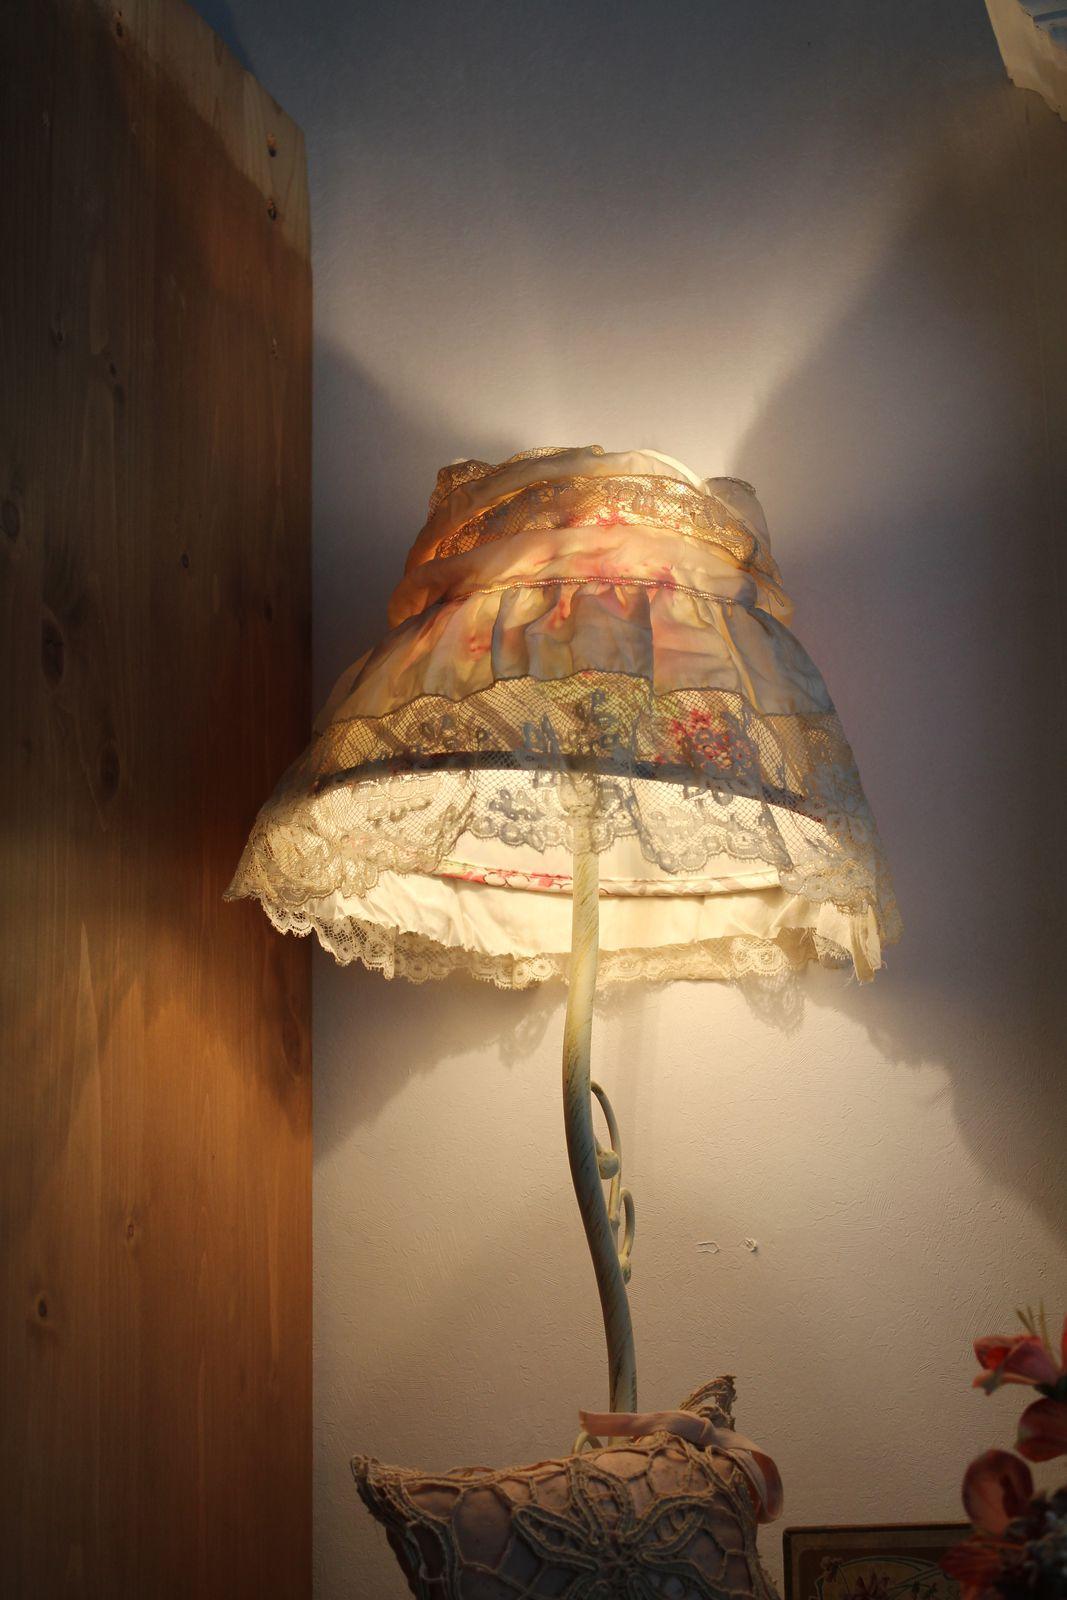 Dans la chambre, la bibliothèque ou au salon, j'adore les éclairages indirects. Avec de beaux abat-jour c'est encore mieux !